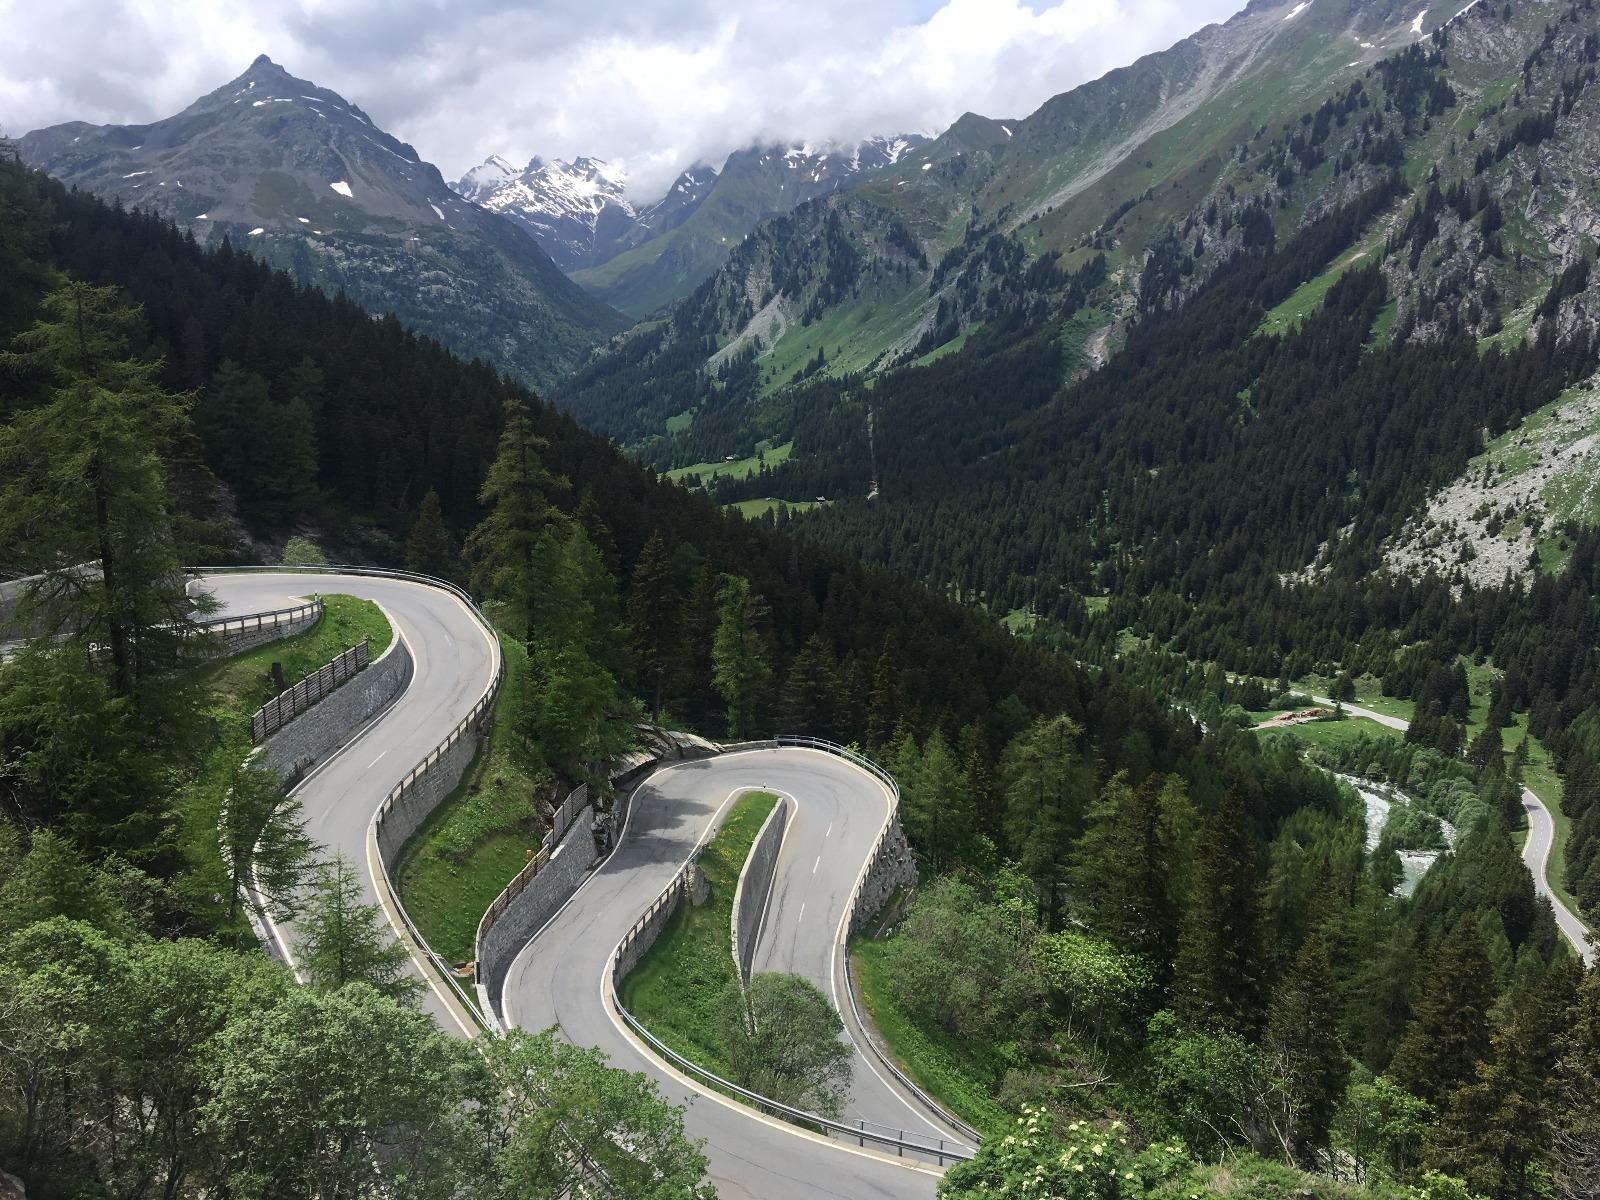 Hier sind sie runtergeheizt: Serpentinen in den Alpen